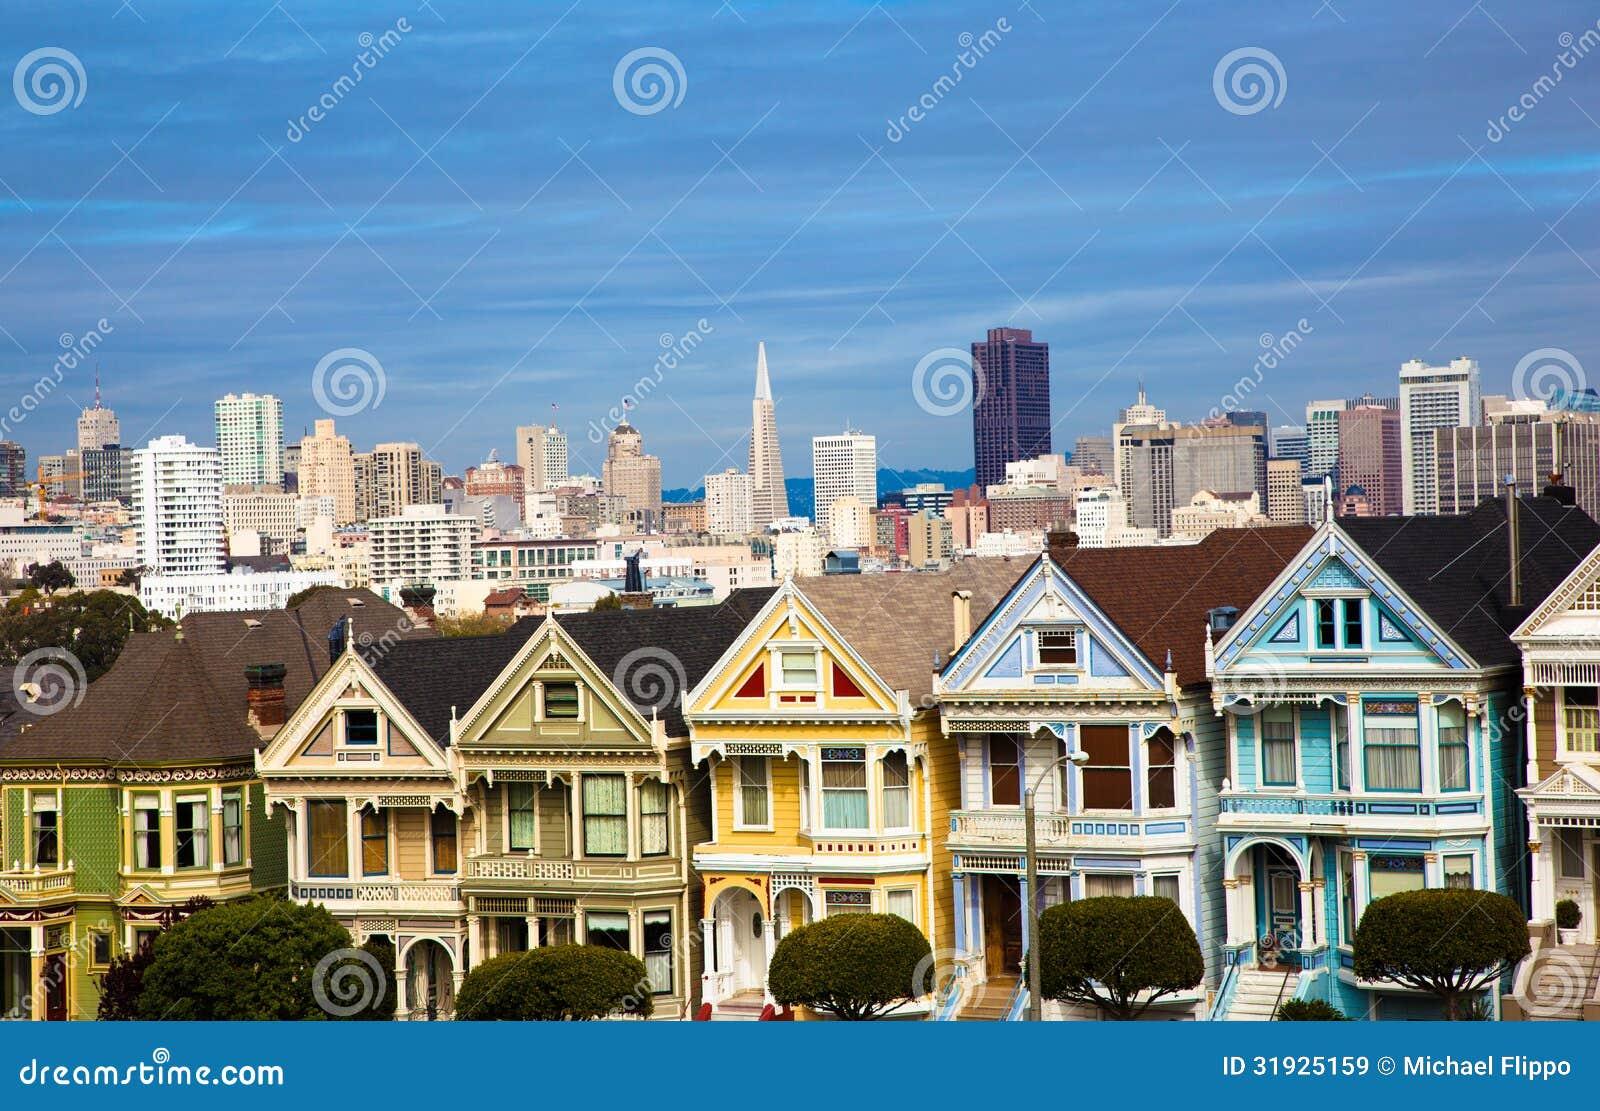 Web Design Course San Francisco